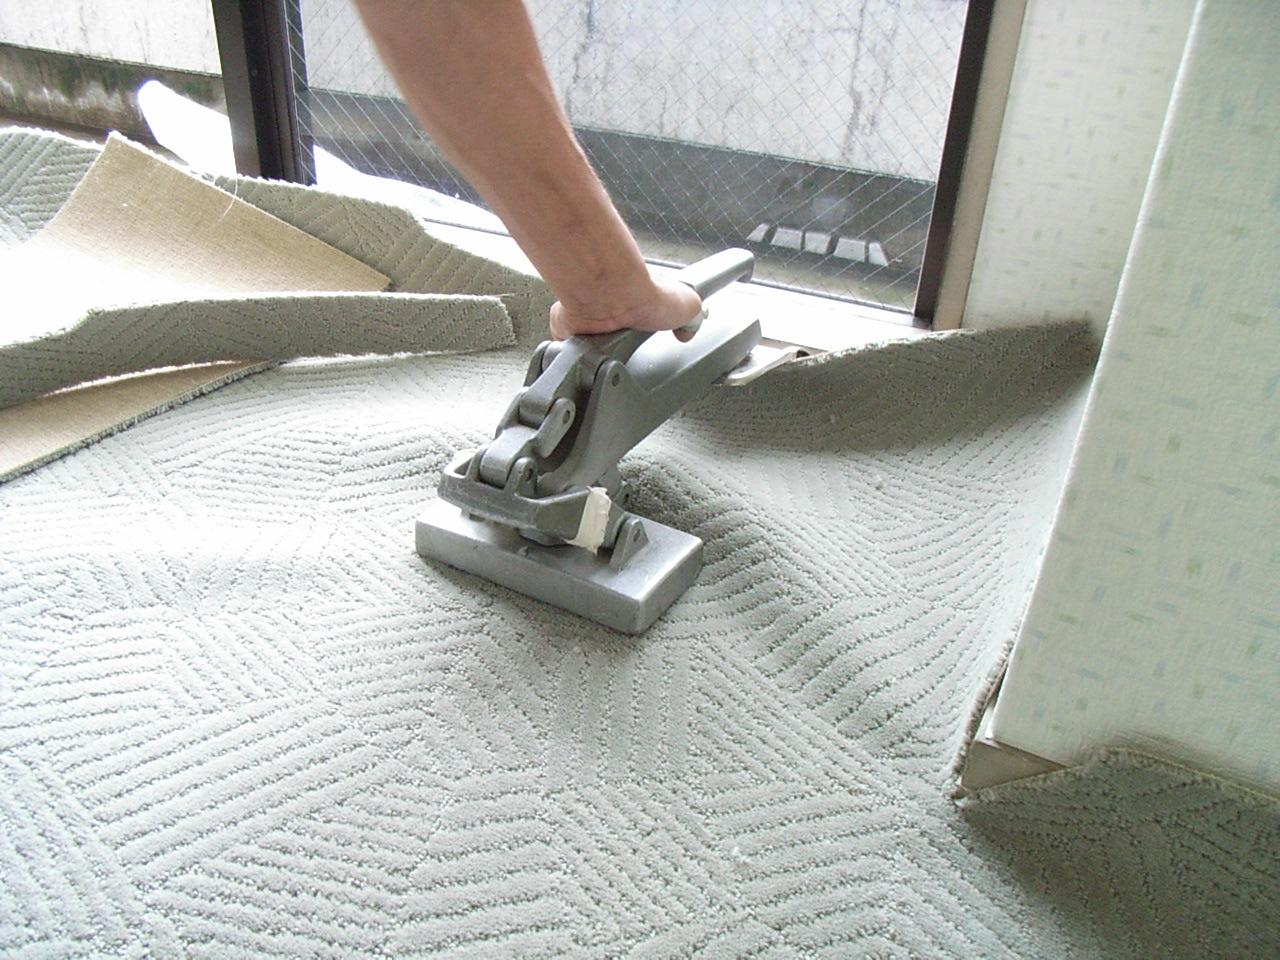 ストレッチャーにて絨毯のねじれを伸ばします